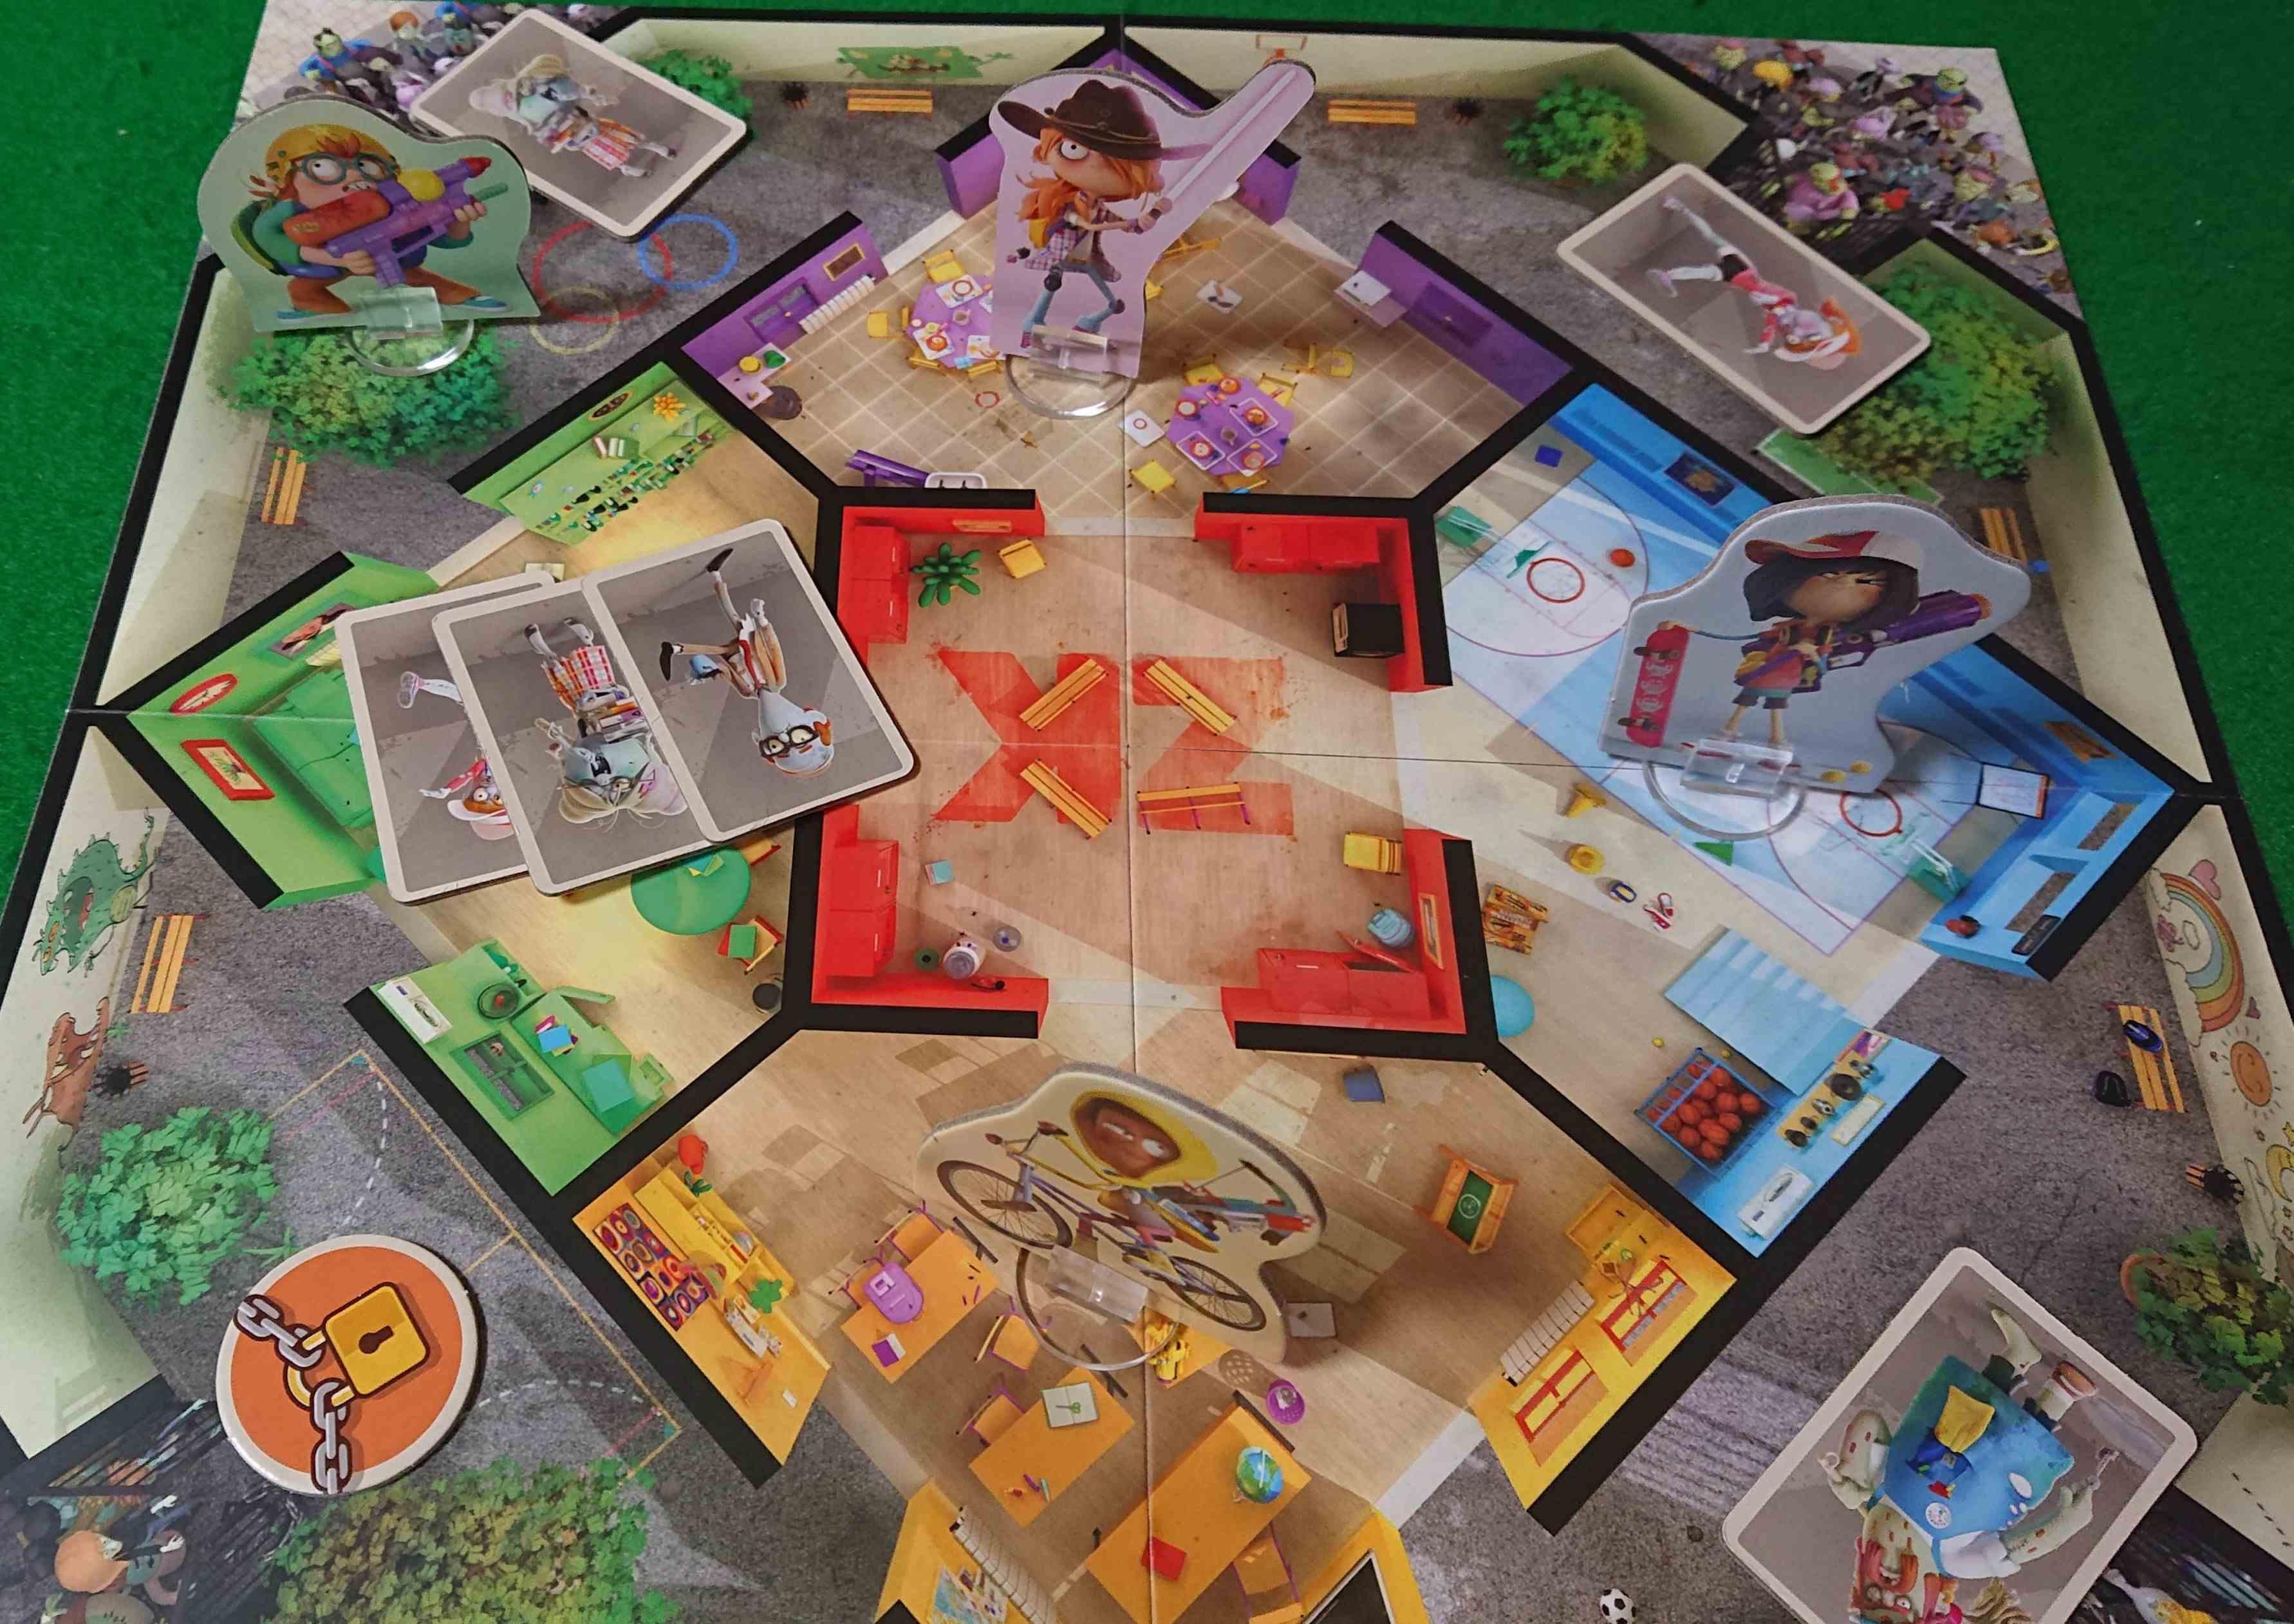 ゾンビキッズ進化の封印(ZONBIE KIDZ) プレイするたびにルールが進化・キャラクターも進化するボードゲーム